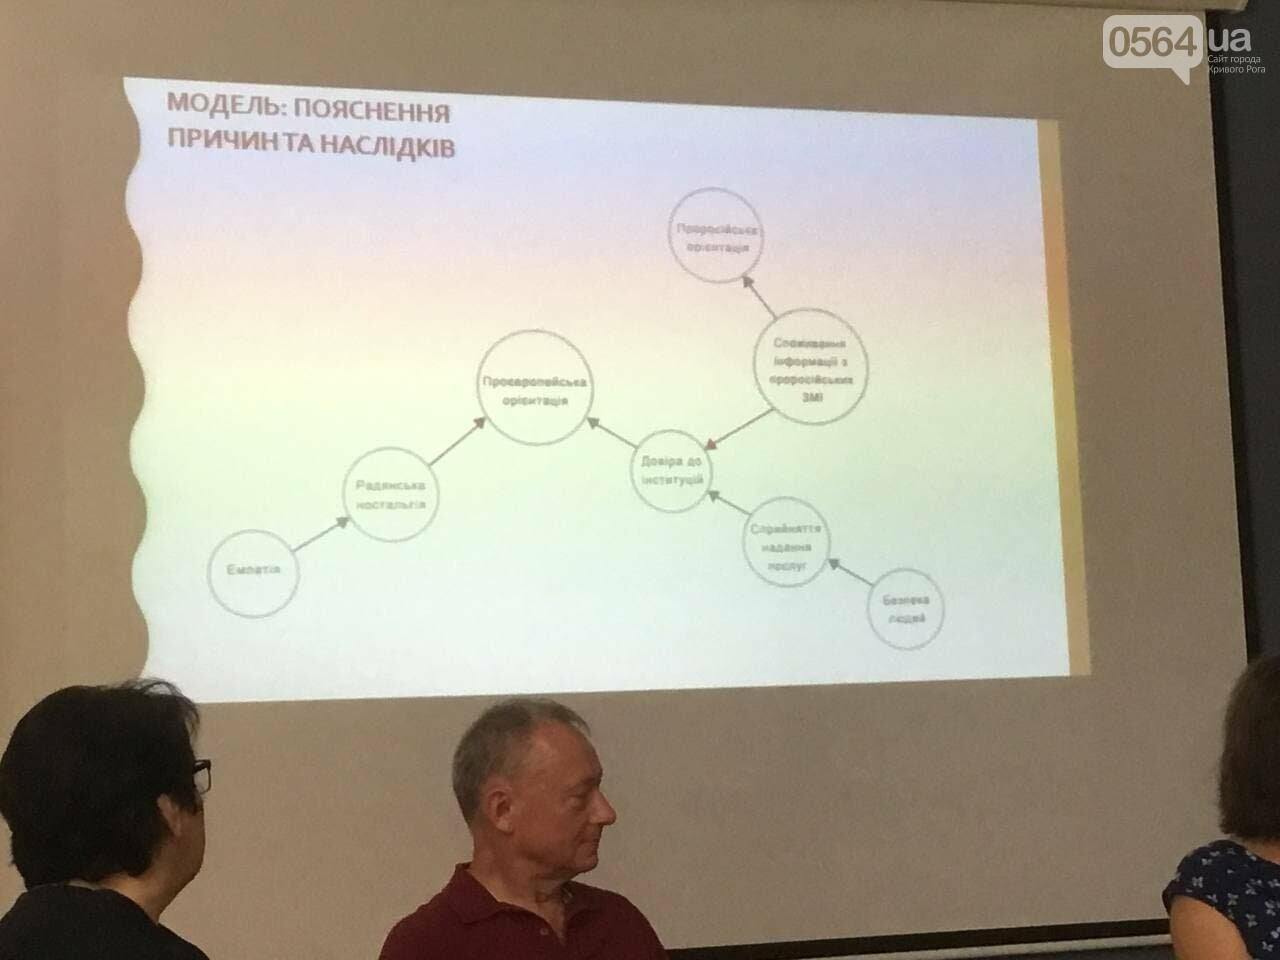 Правовой Weekend в Кривом Роге: правозащитники обсудили проблемы социальной сплочённости, - ФОТО, ВИДЕО, фото-10